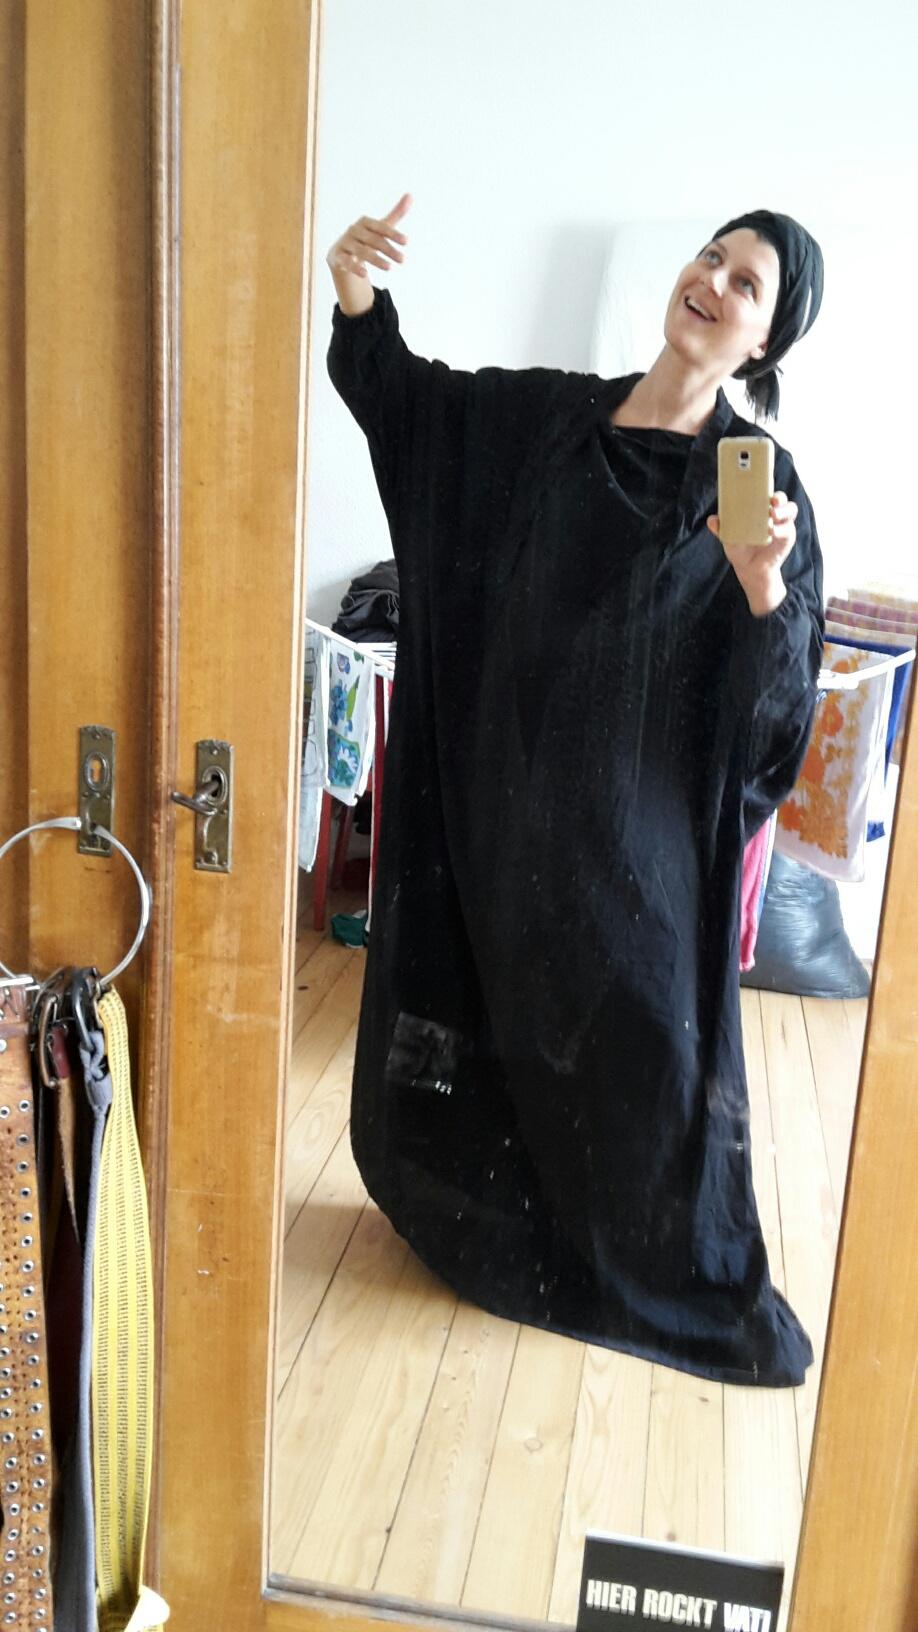 Angie, Sopranistin im KaiserChor, beglückt einen Burka-Store mit Ihrer Anwesenheit